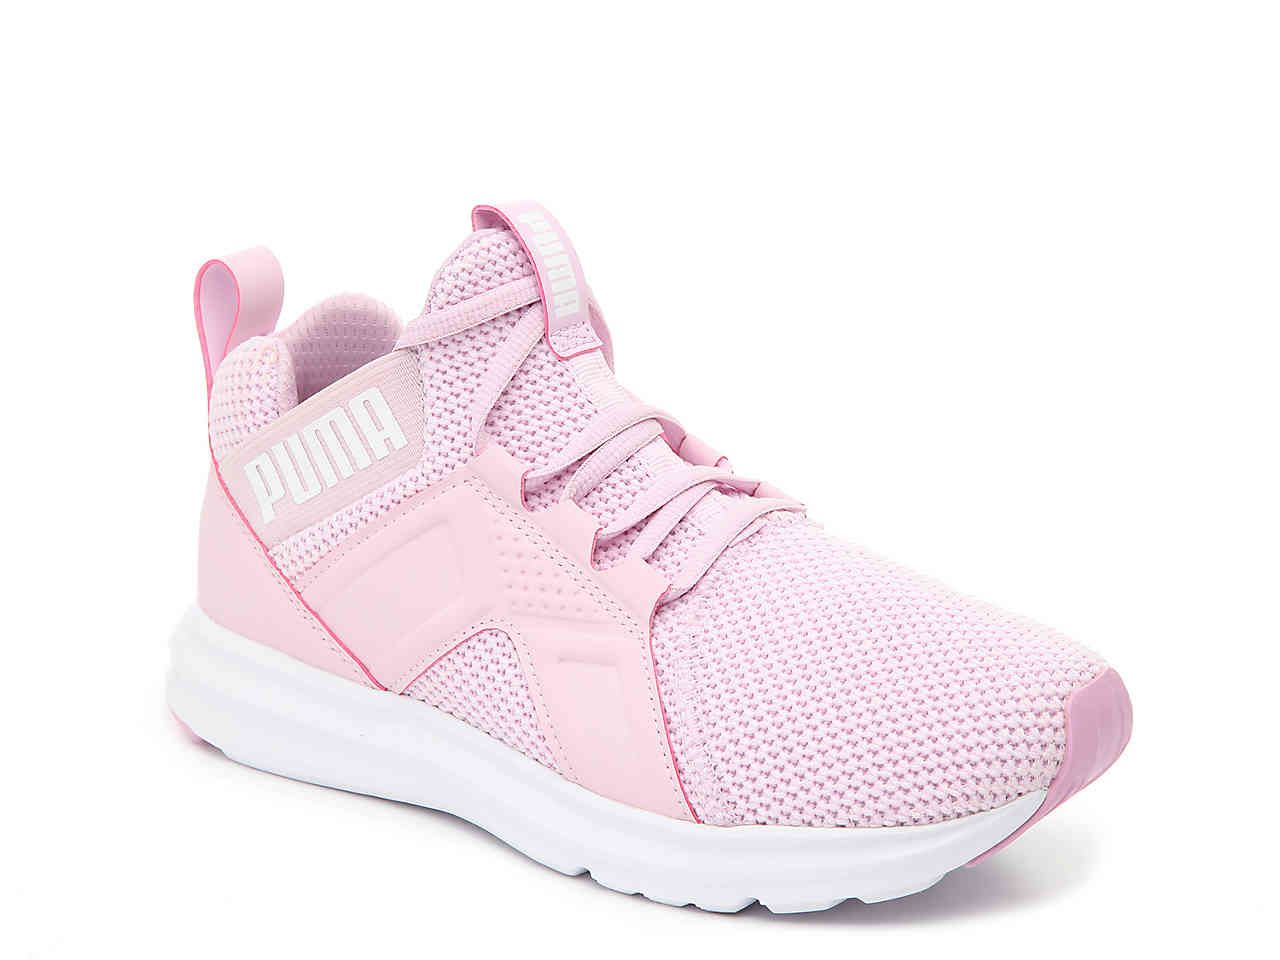 76059bce5aec Enzo Weave Training Shoe - Women s Womens Training Shoes